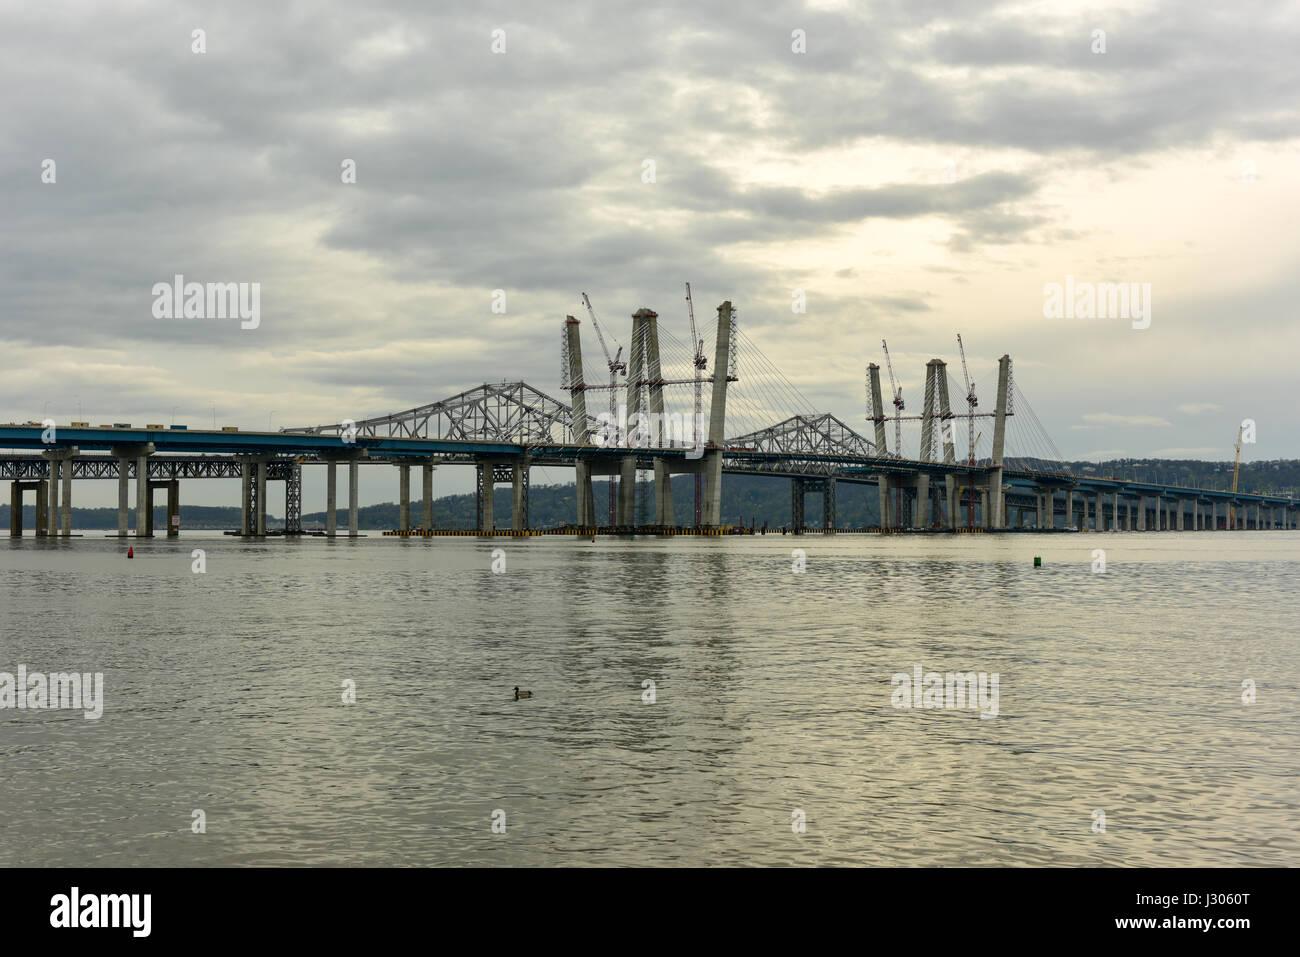 Le nouveau pont Tappan Zee en construction sur la rivière Hudson à New York. Banque D'Images